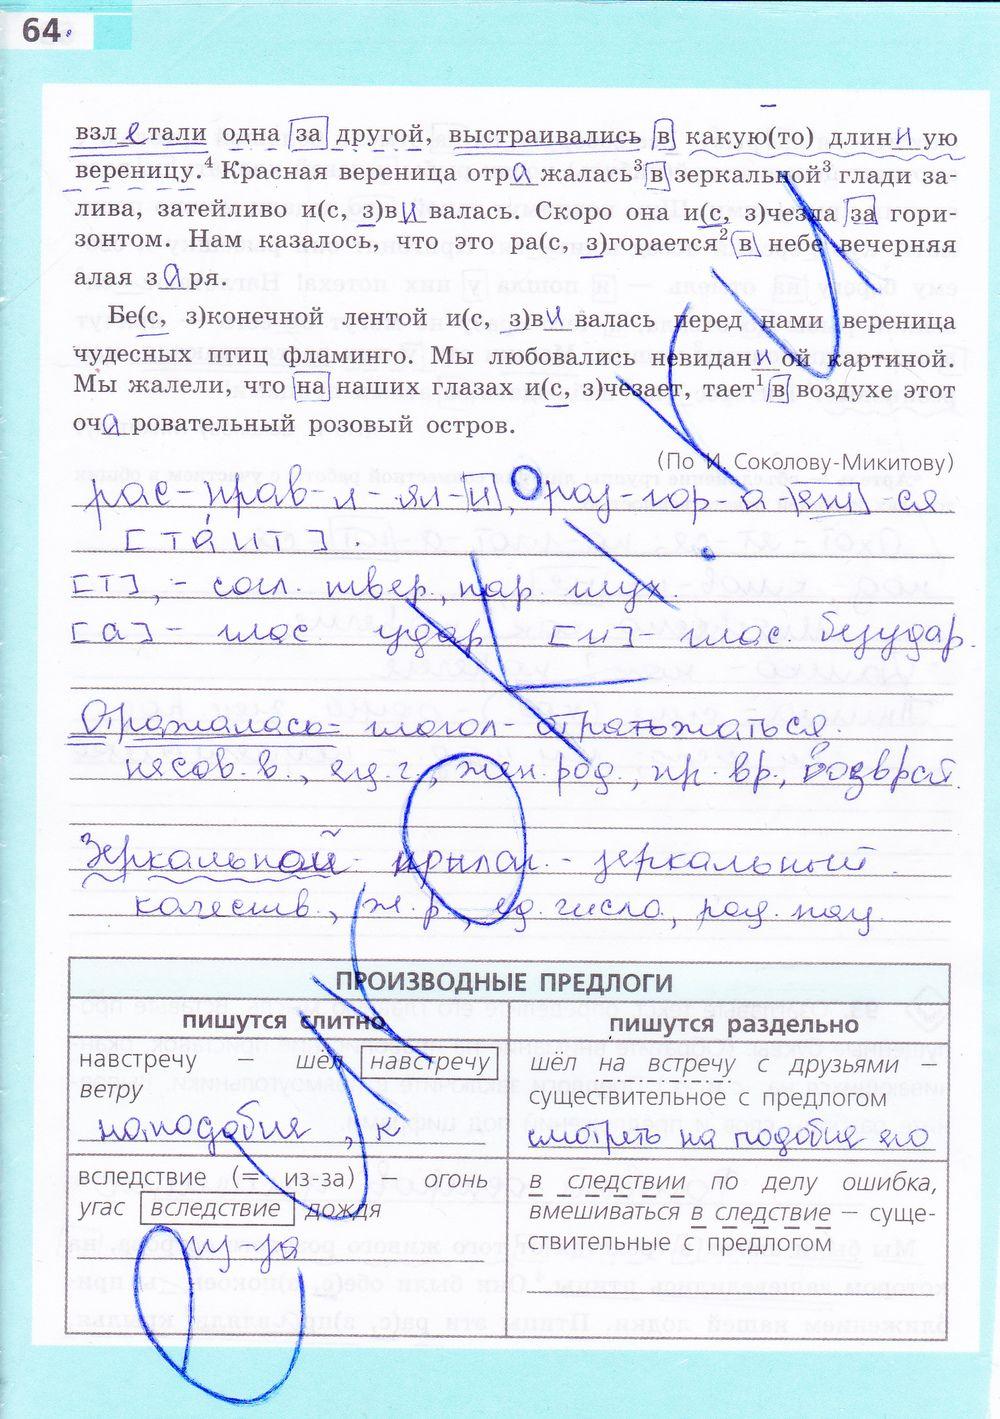 Гдз по русскому языку 7 класс рабочая тетрадь баранов спиши.ру